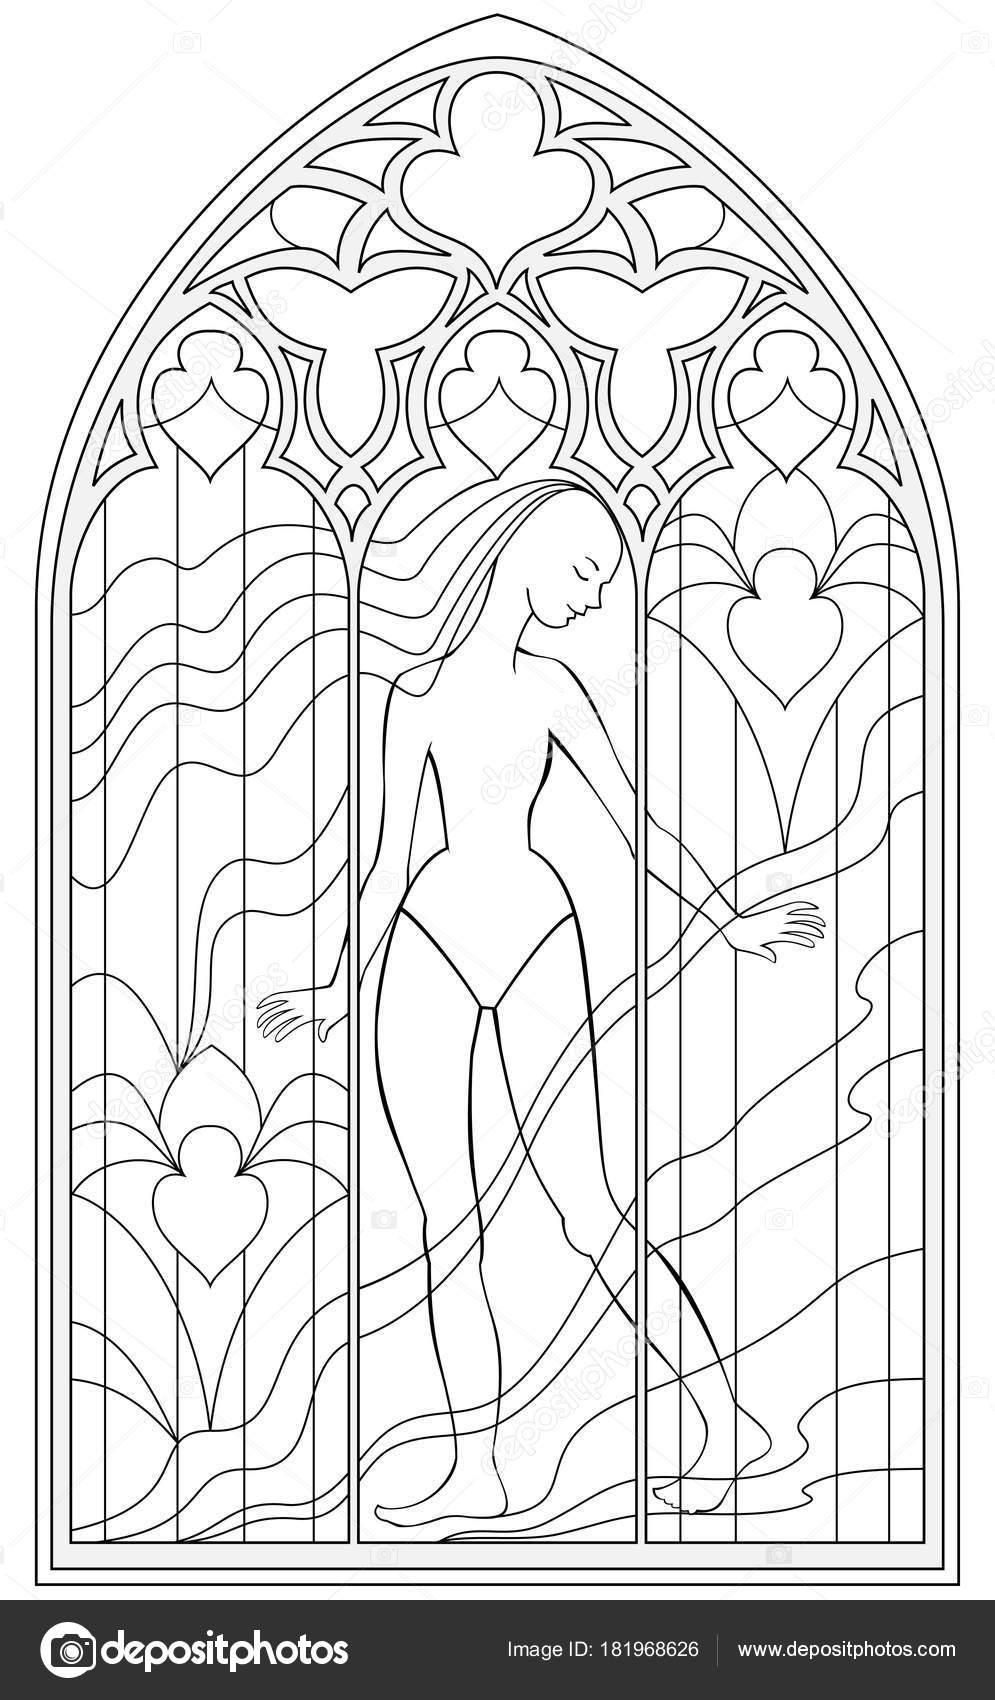 Malvorlage Gotisches Fenster Coloring and Malvorlagan